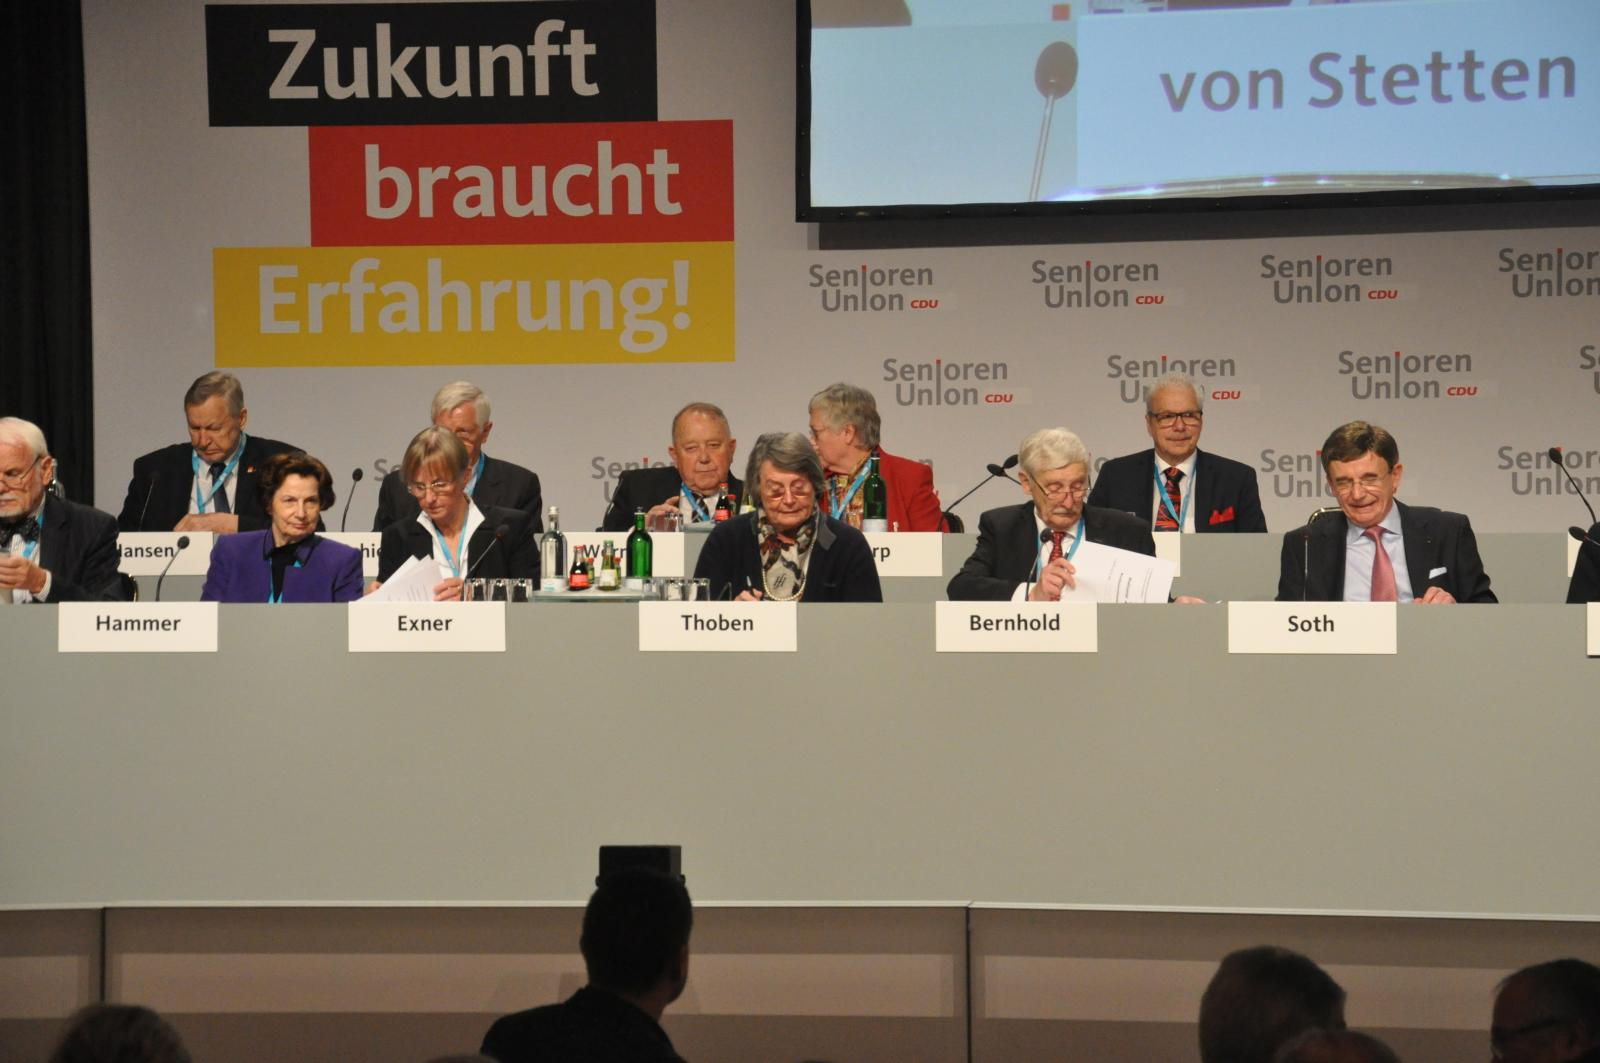 SU-Bundesdelegiertenversammlung-2018_013.jpg